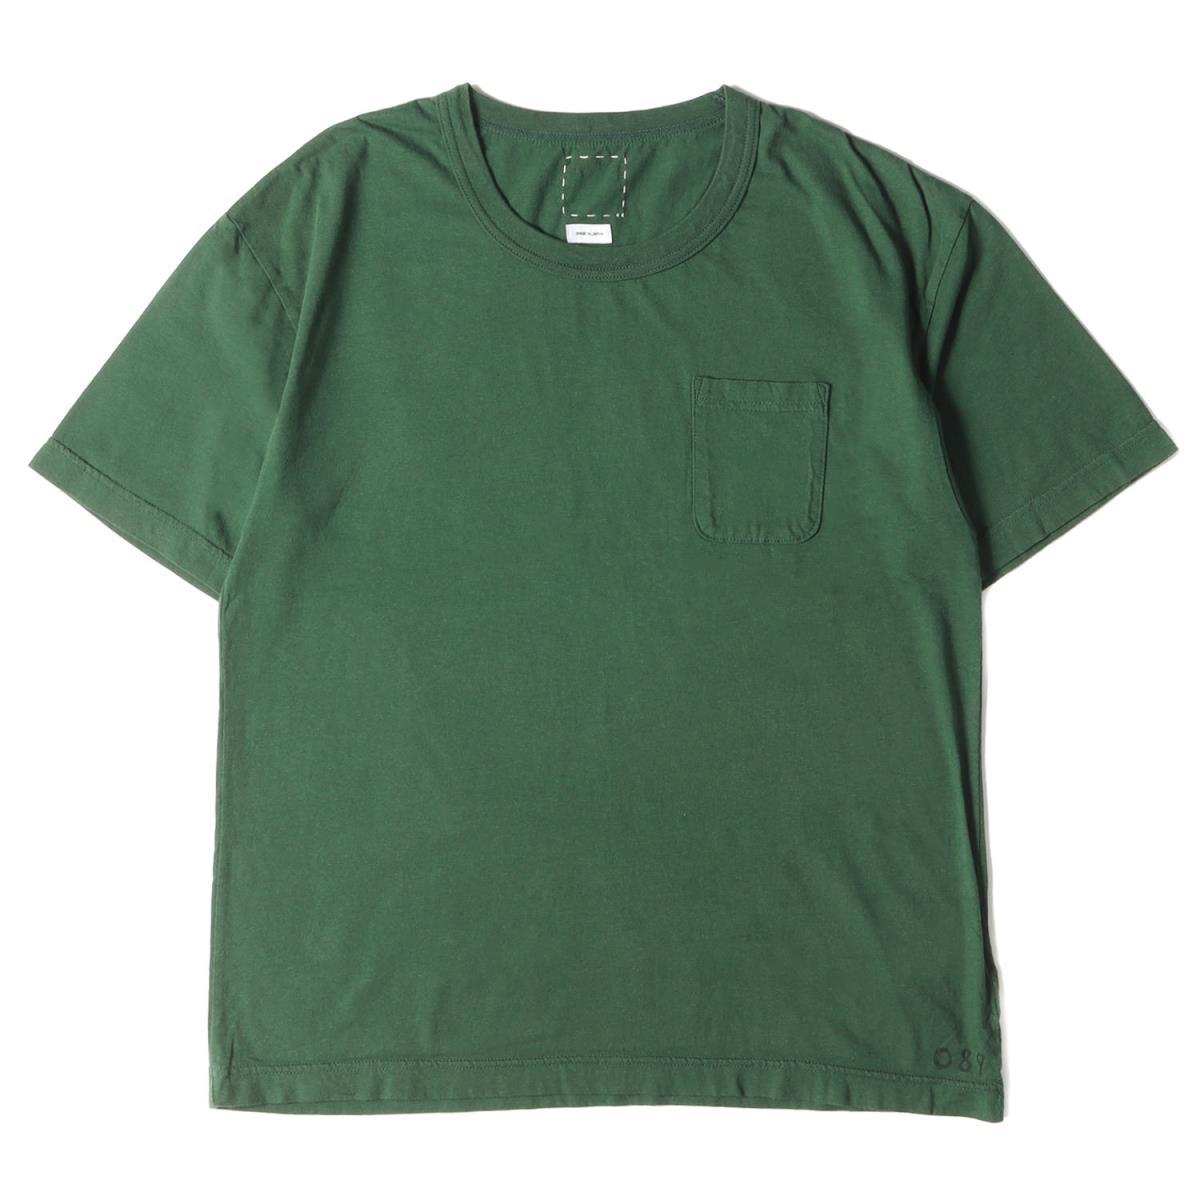 トップス, Tシャツ・カットソー visvim T 19SS T JUMBO TEE SS 2 K3030